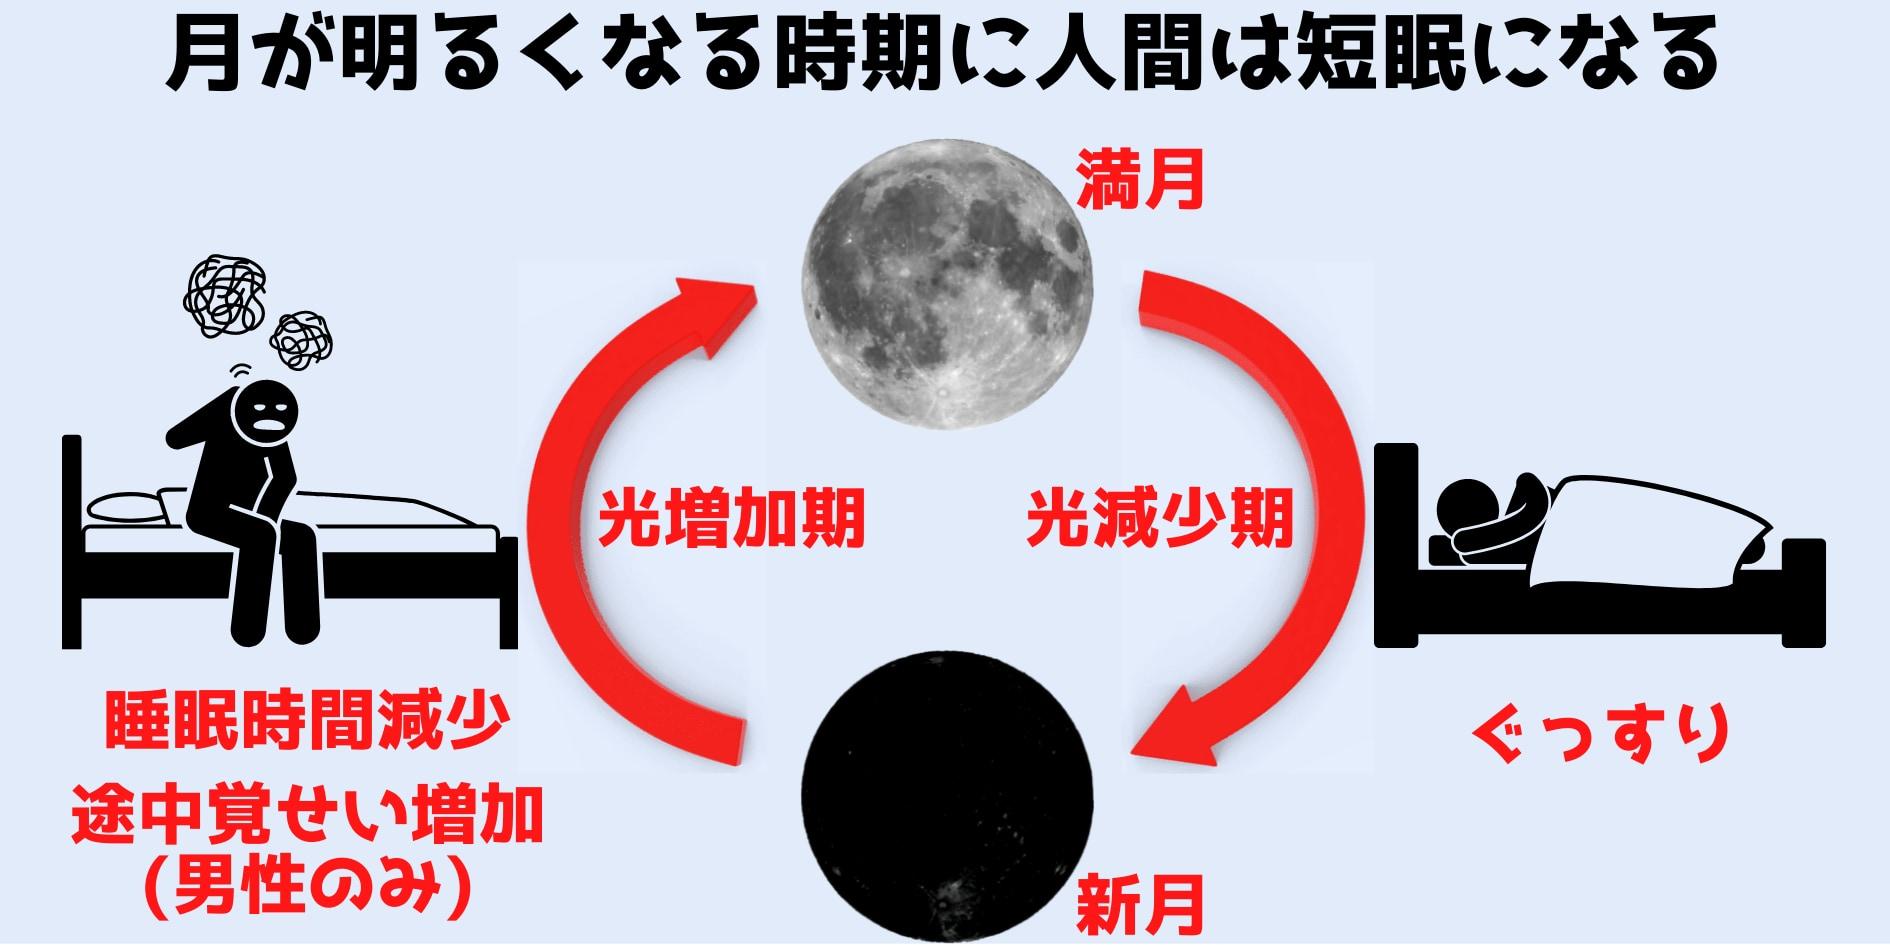 大規模研究により「月明かりが増す時期」に人間は短眠になると判明!